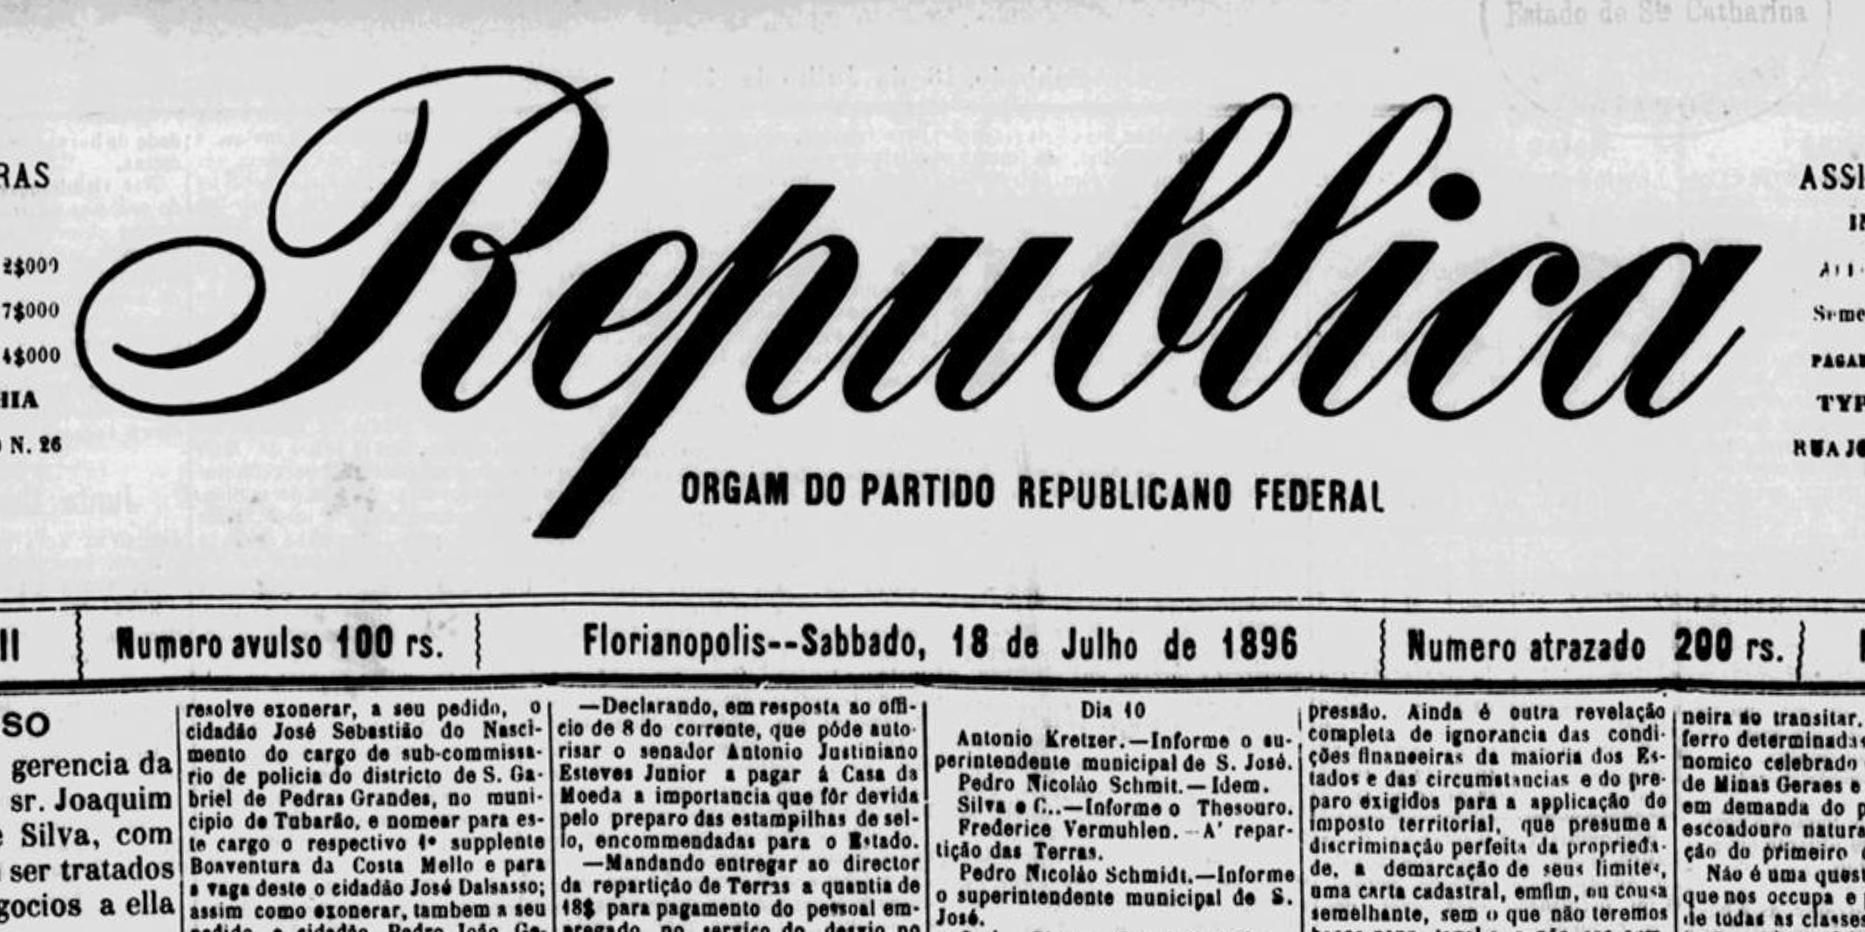 j-sebastiao exoneracao republica 1896